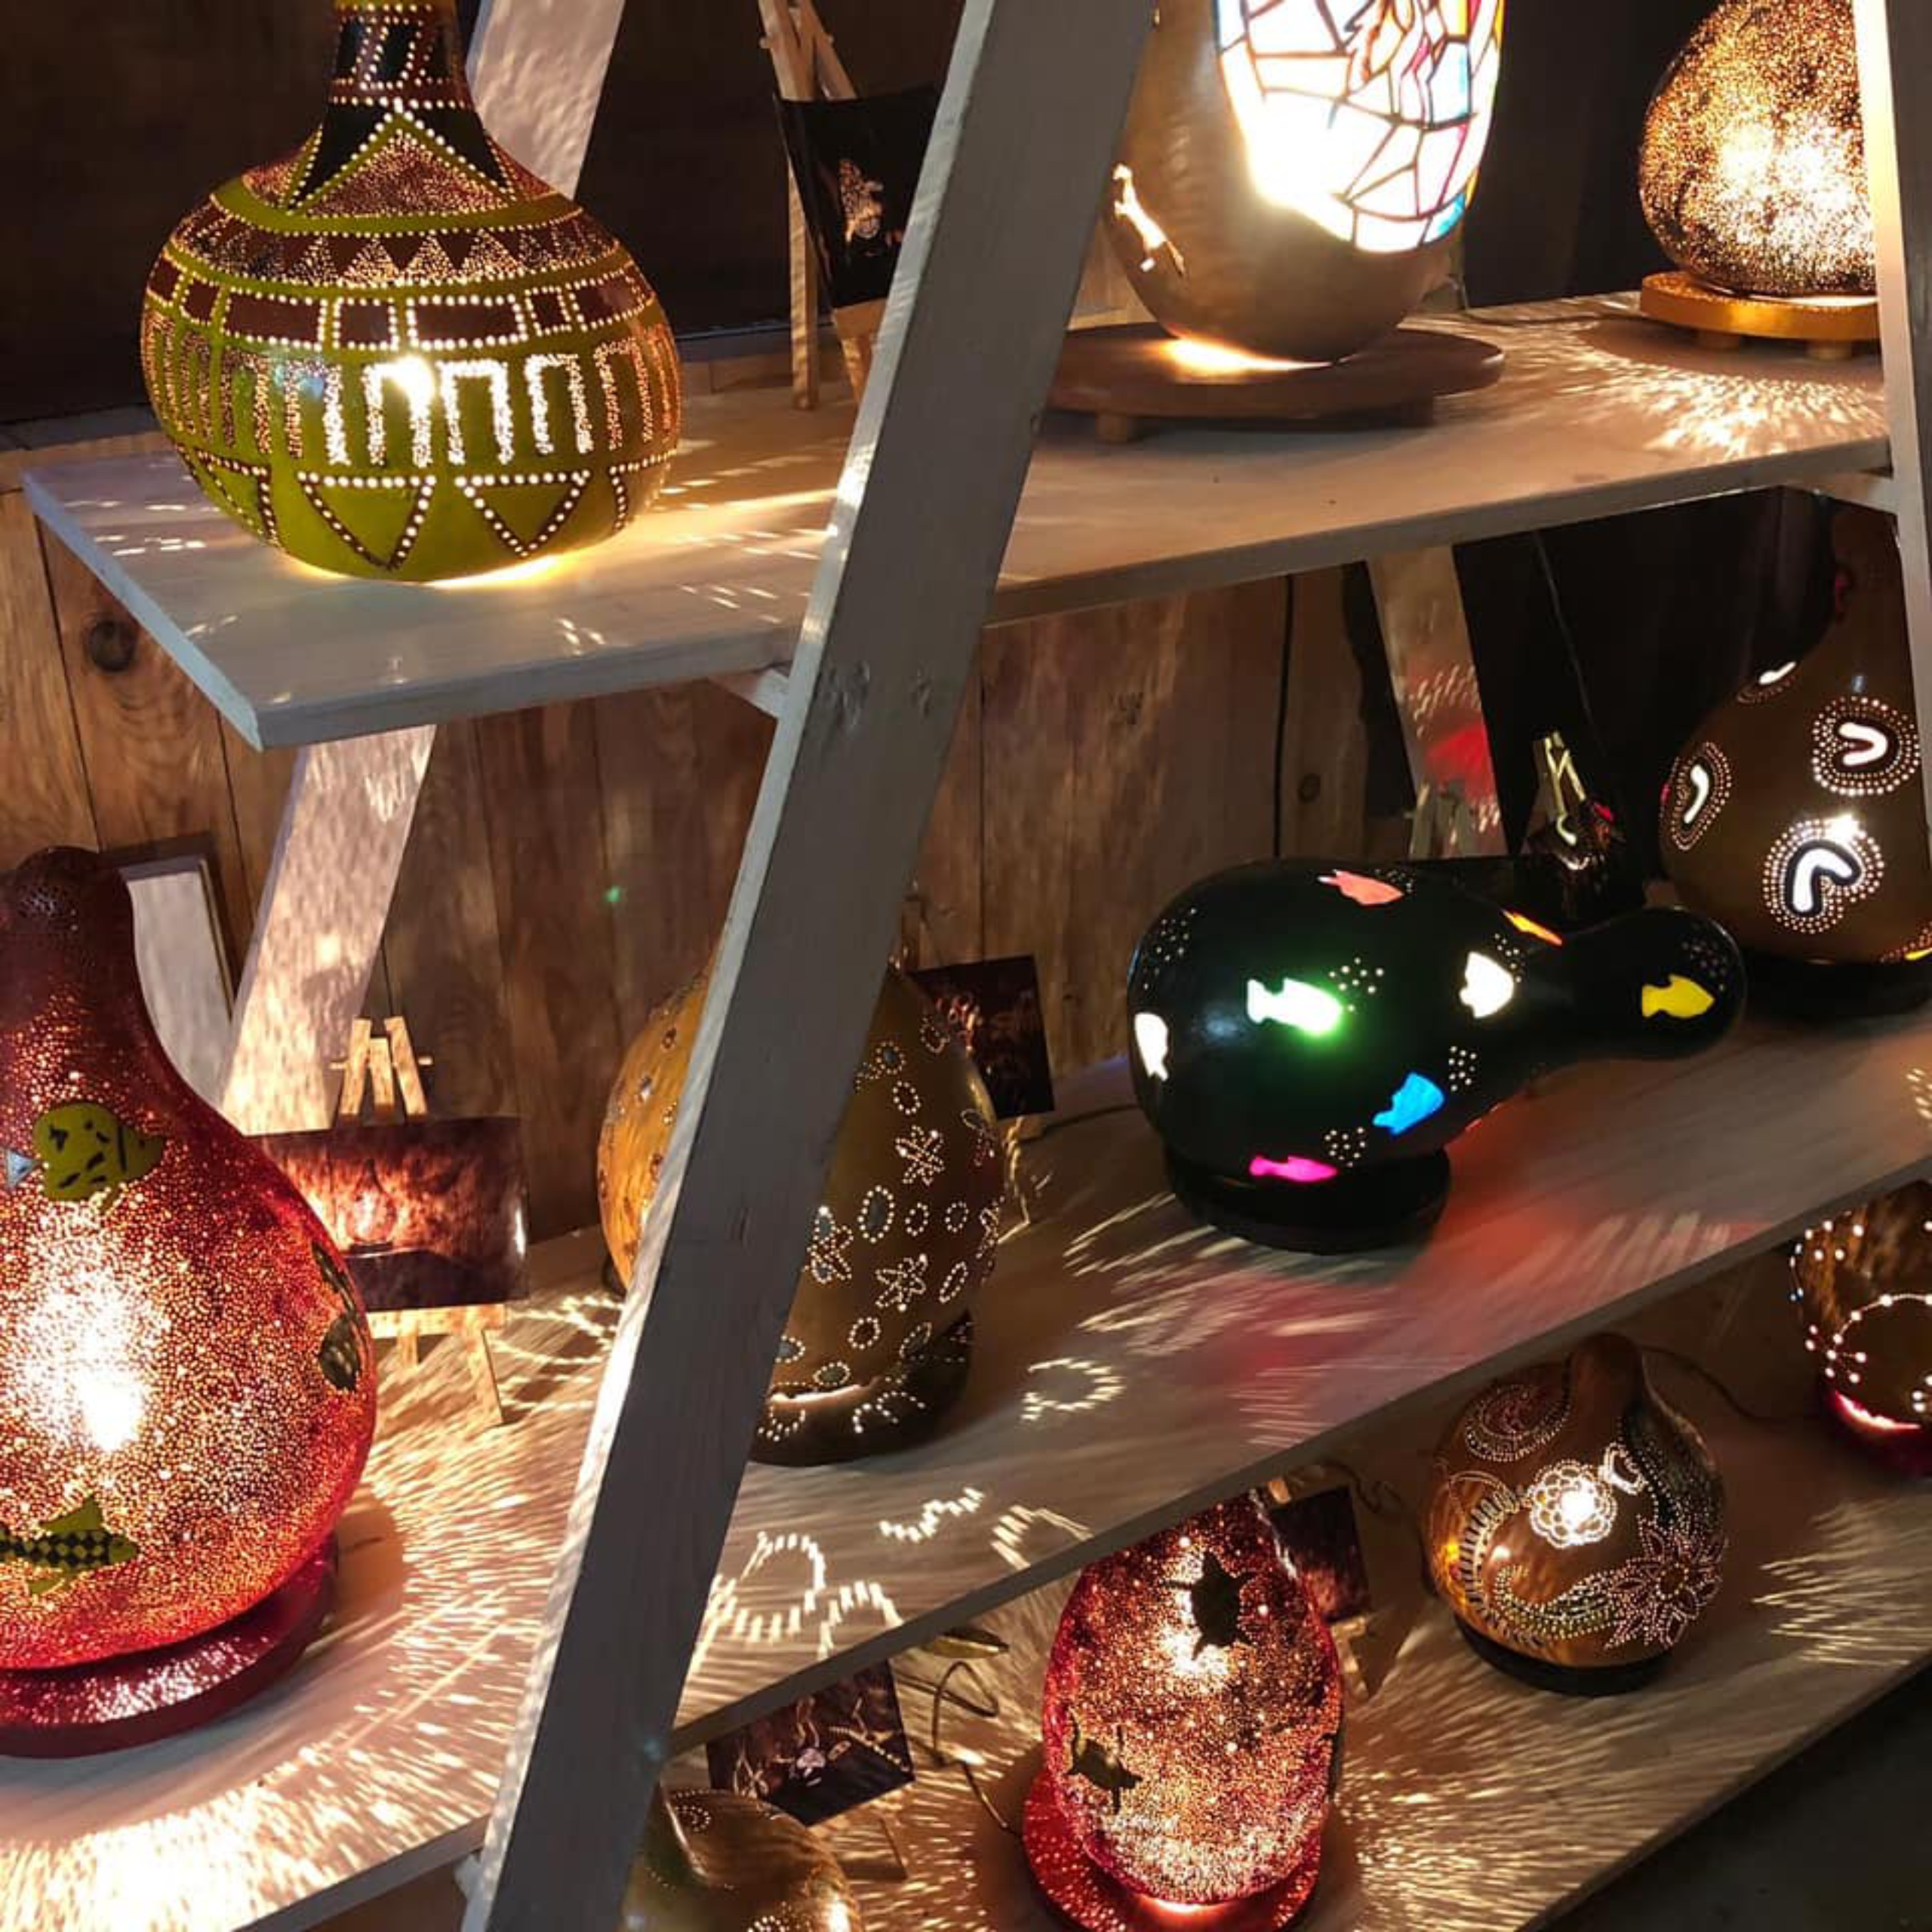 Decoration and souvenirs